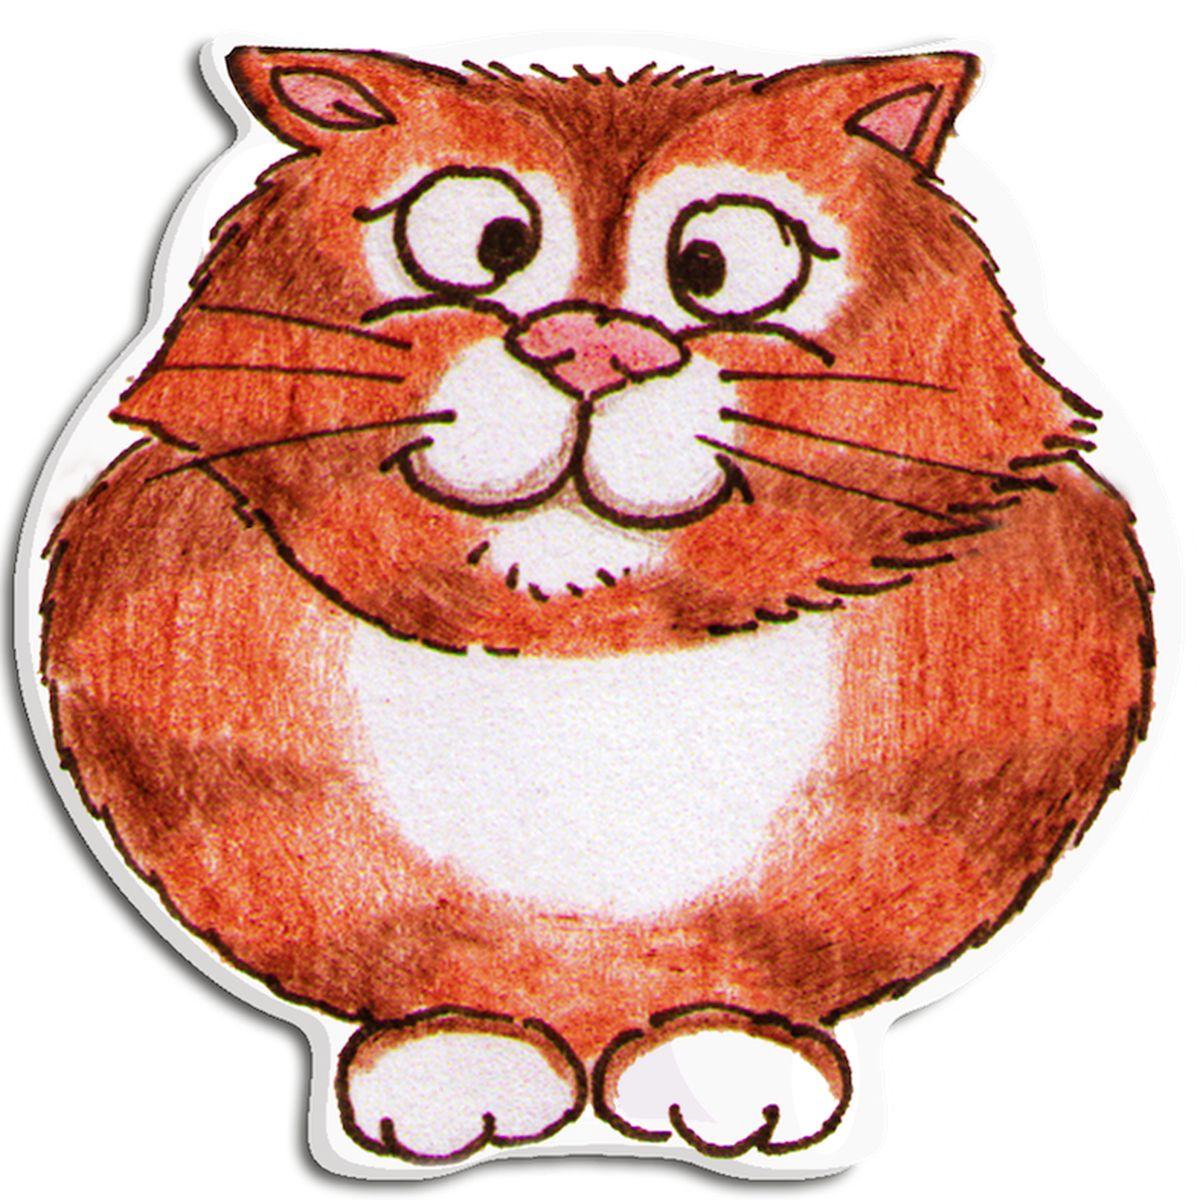 Подставка под горячее Gift'n'Home Рыжий кот, 20 см х 20 см